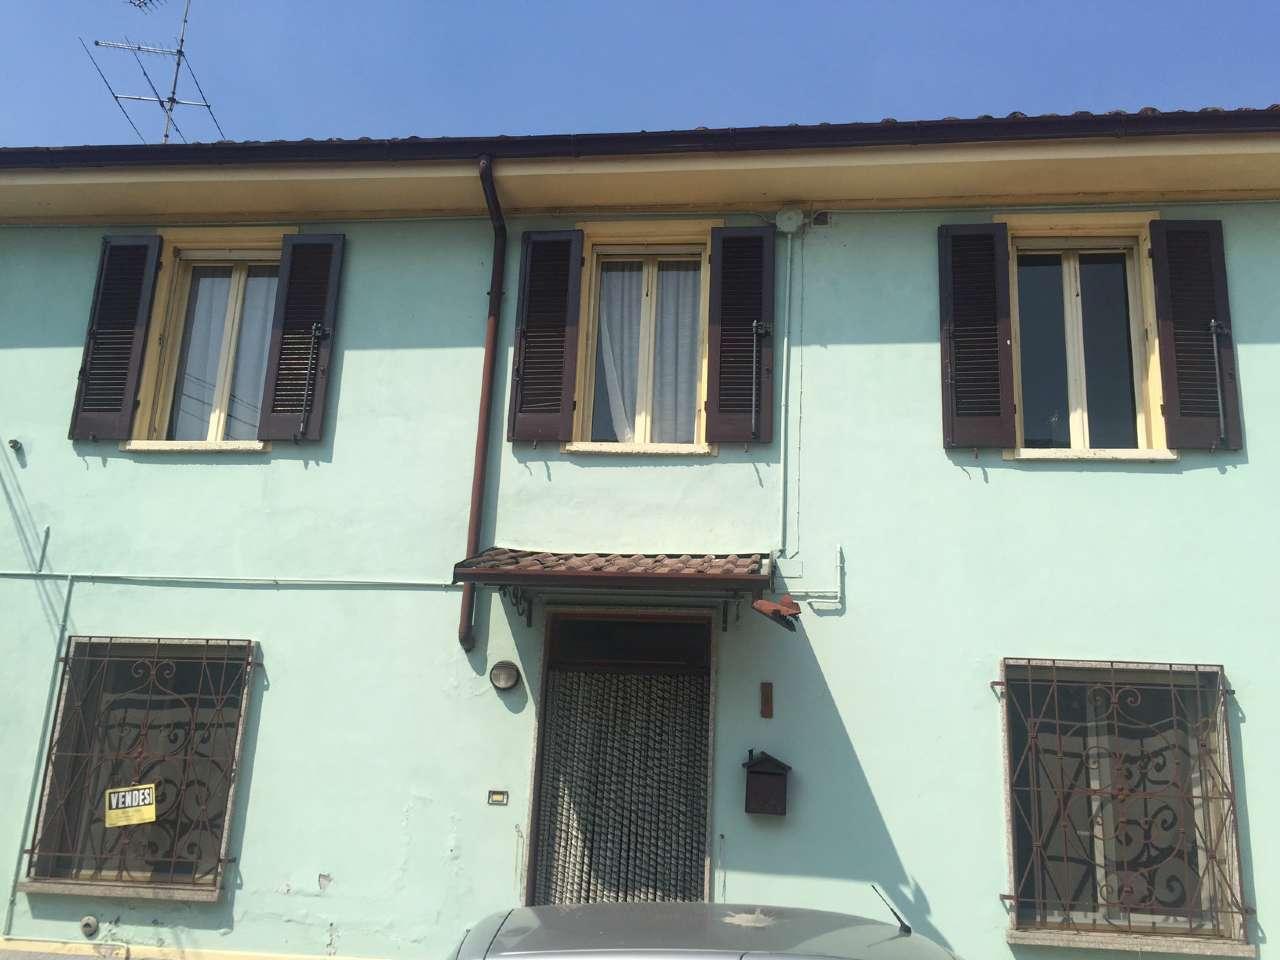 Palazzo / Stabile in vendita a Rivarolo Mantovano, 3 locali, prezzo € 55.000 | CambioCasa.it